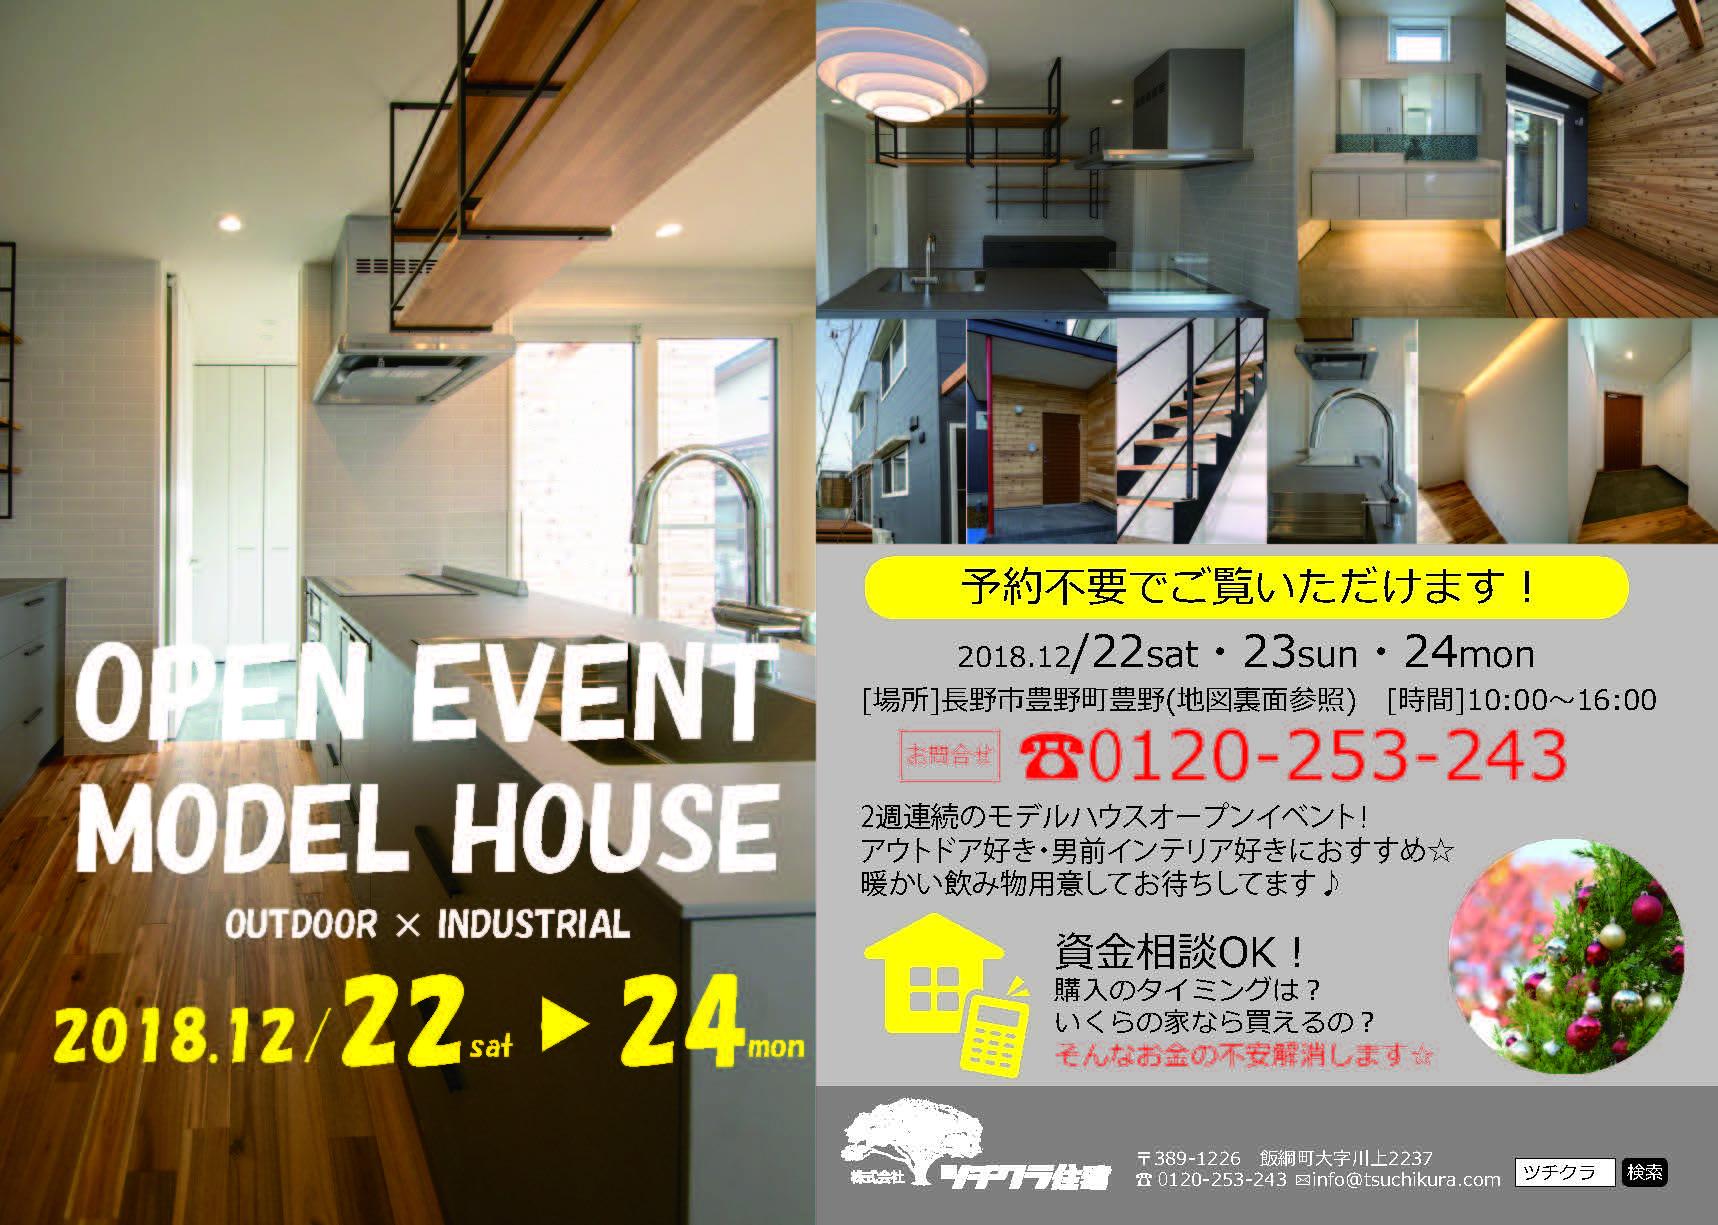 豊野モデルハウス [オープンイベント]